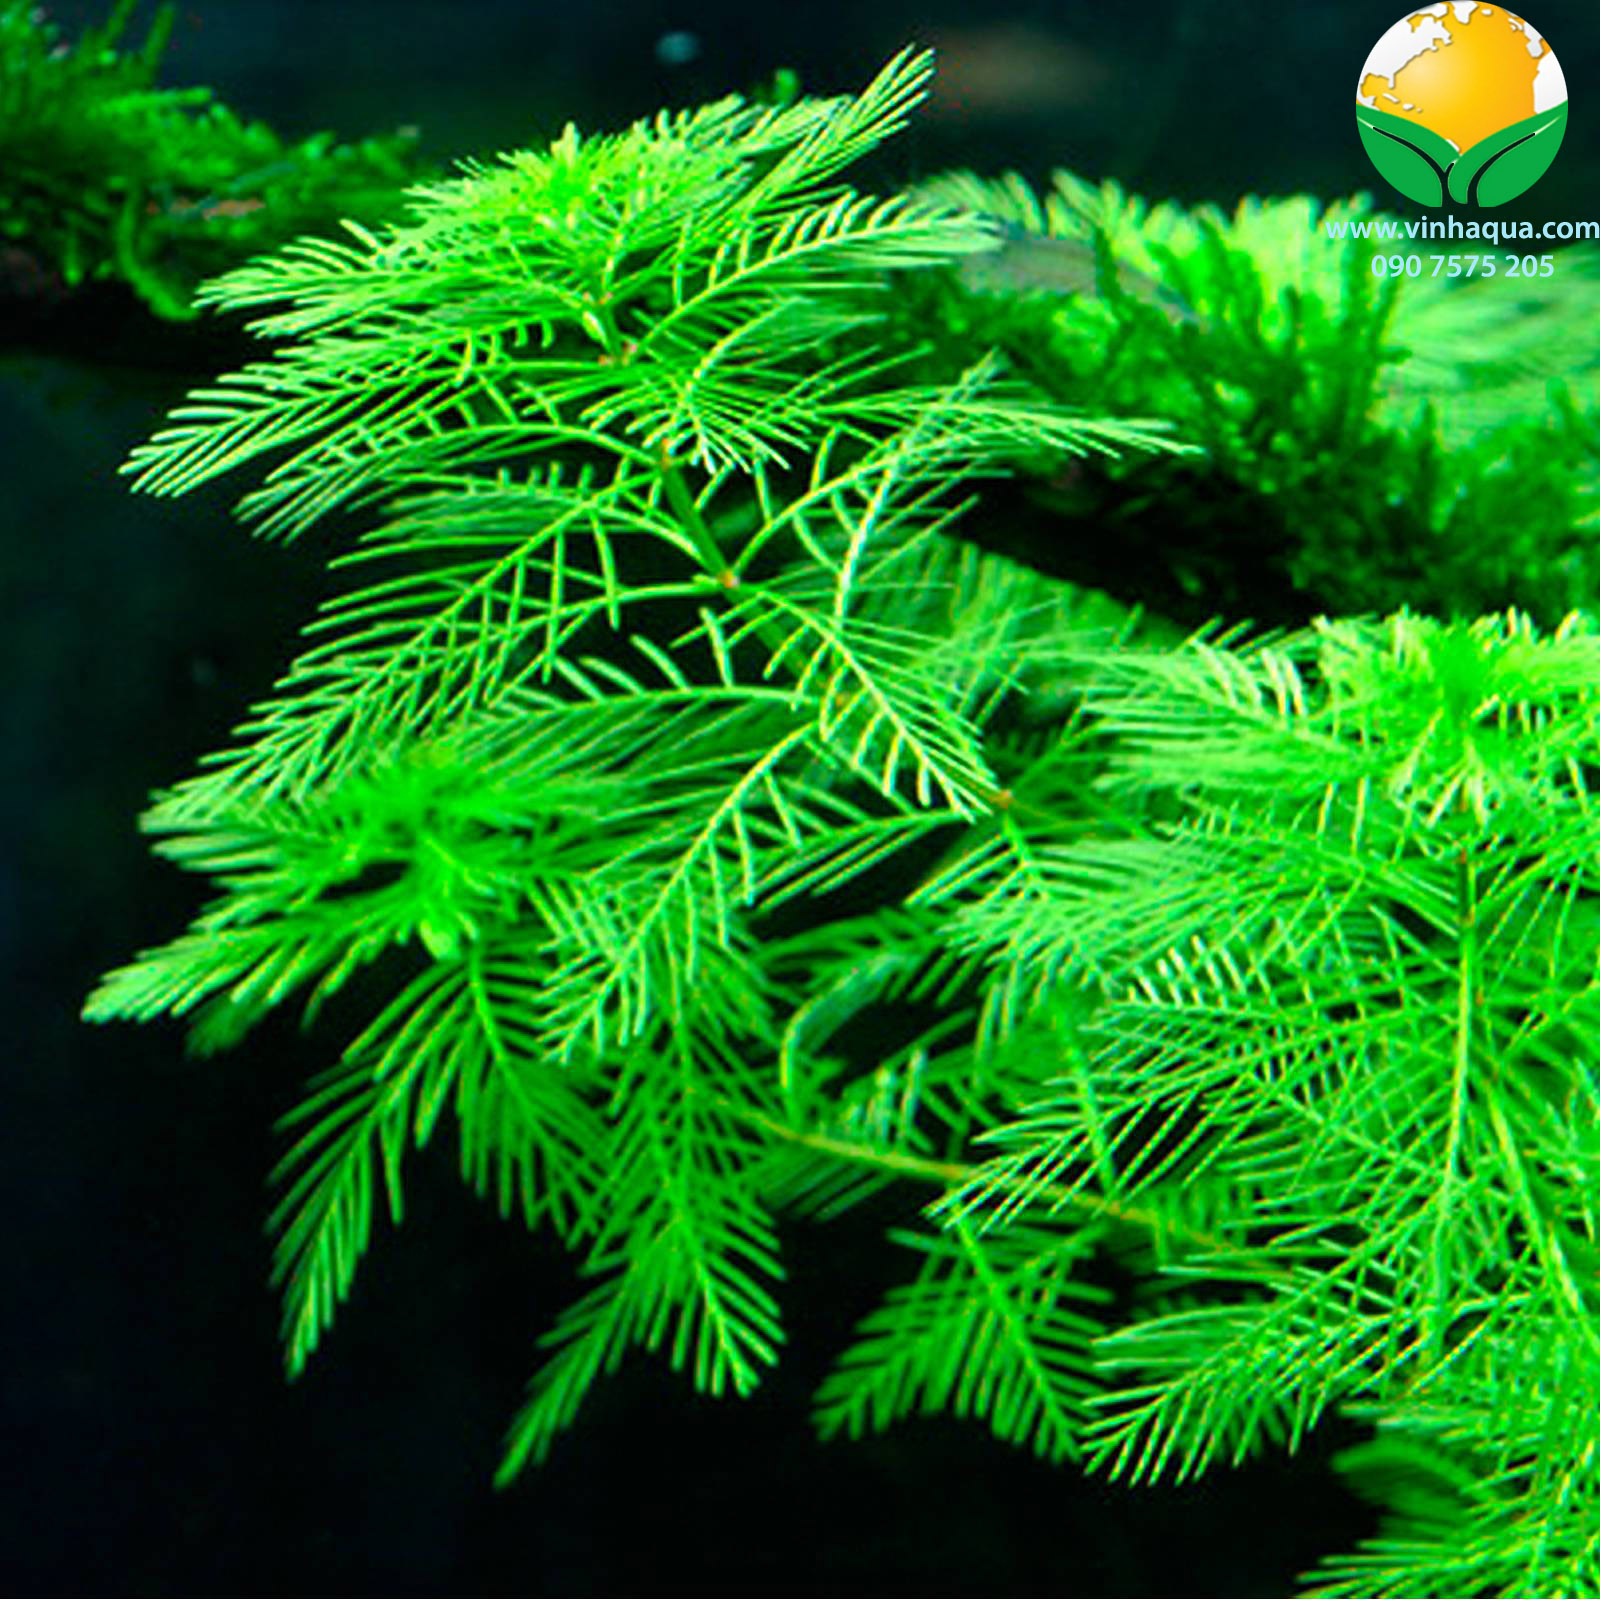 Vẻ đẹp của cây thủy sinh xương cá xanh